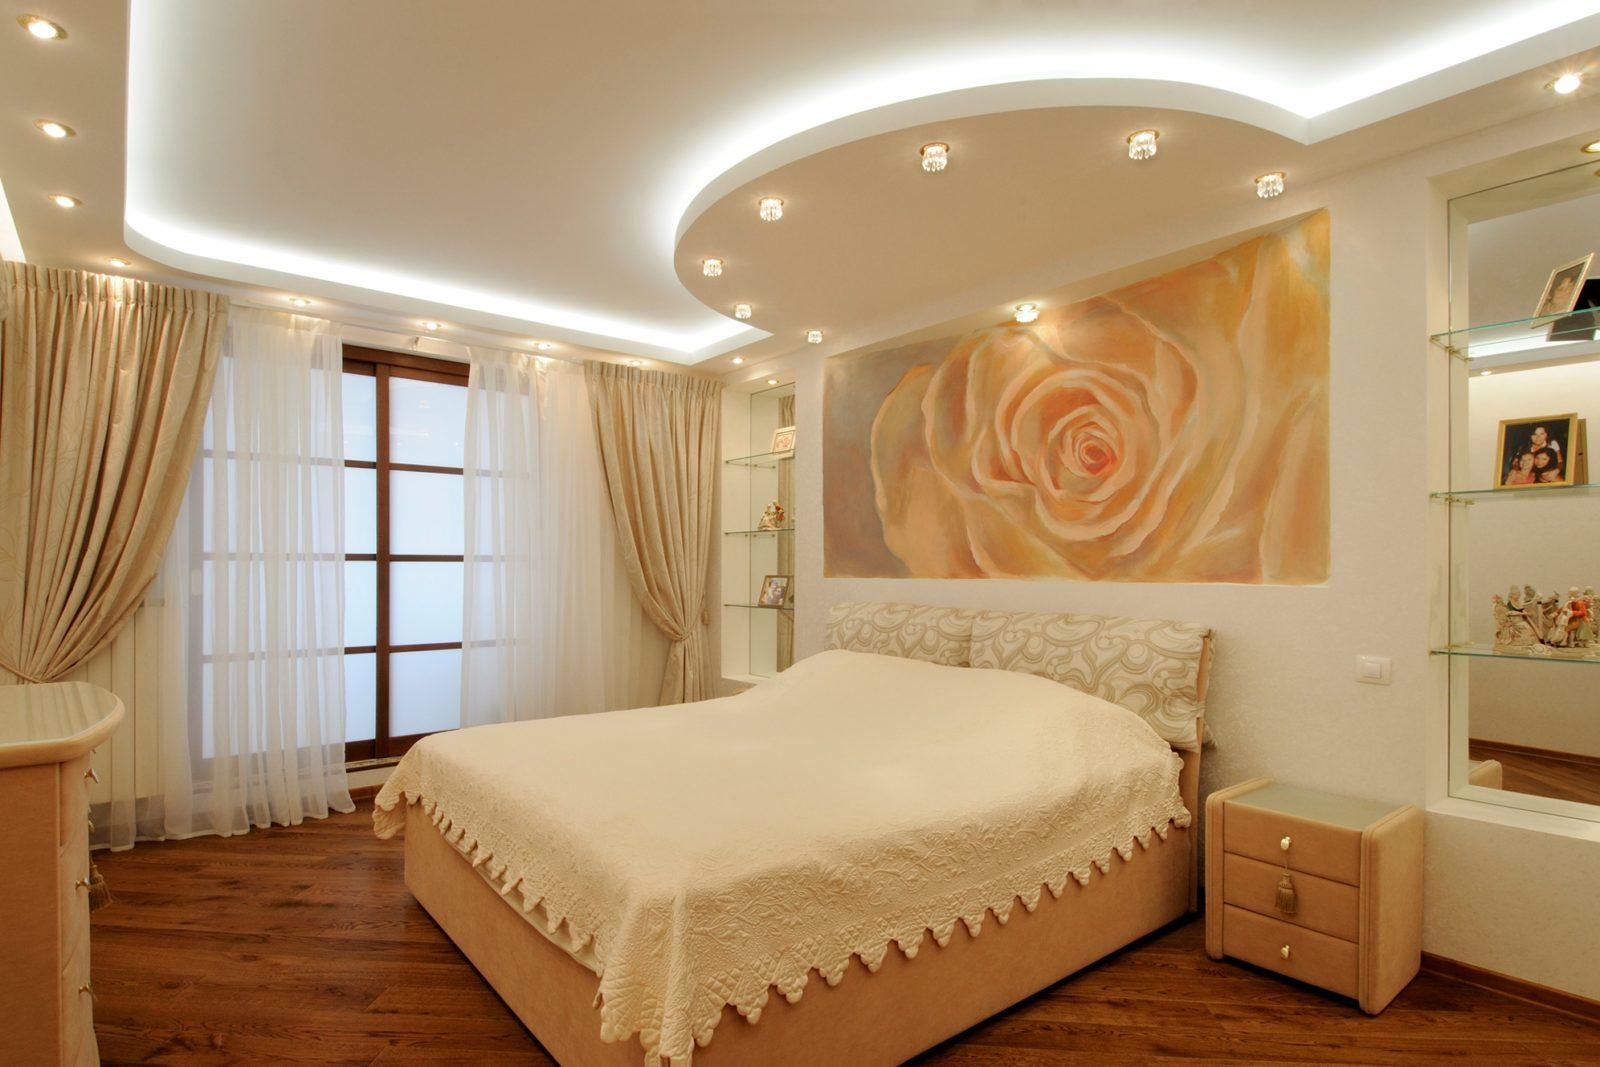 Интересные варианты исполнения потолков из гипсокартона: уровни и подсветка